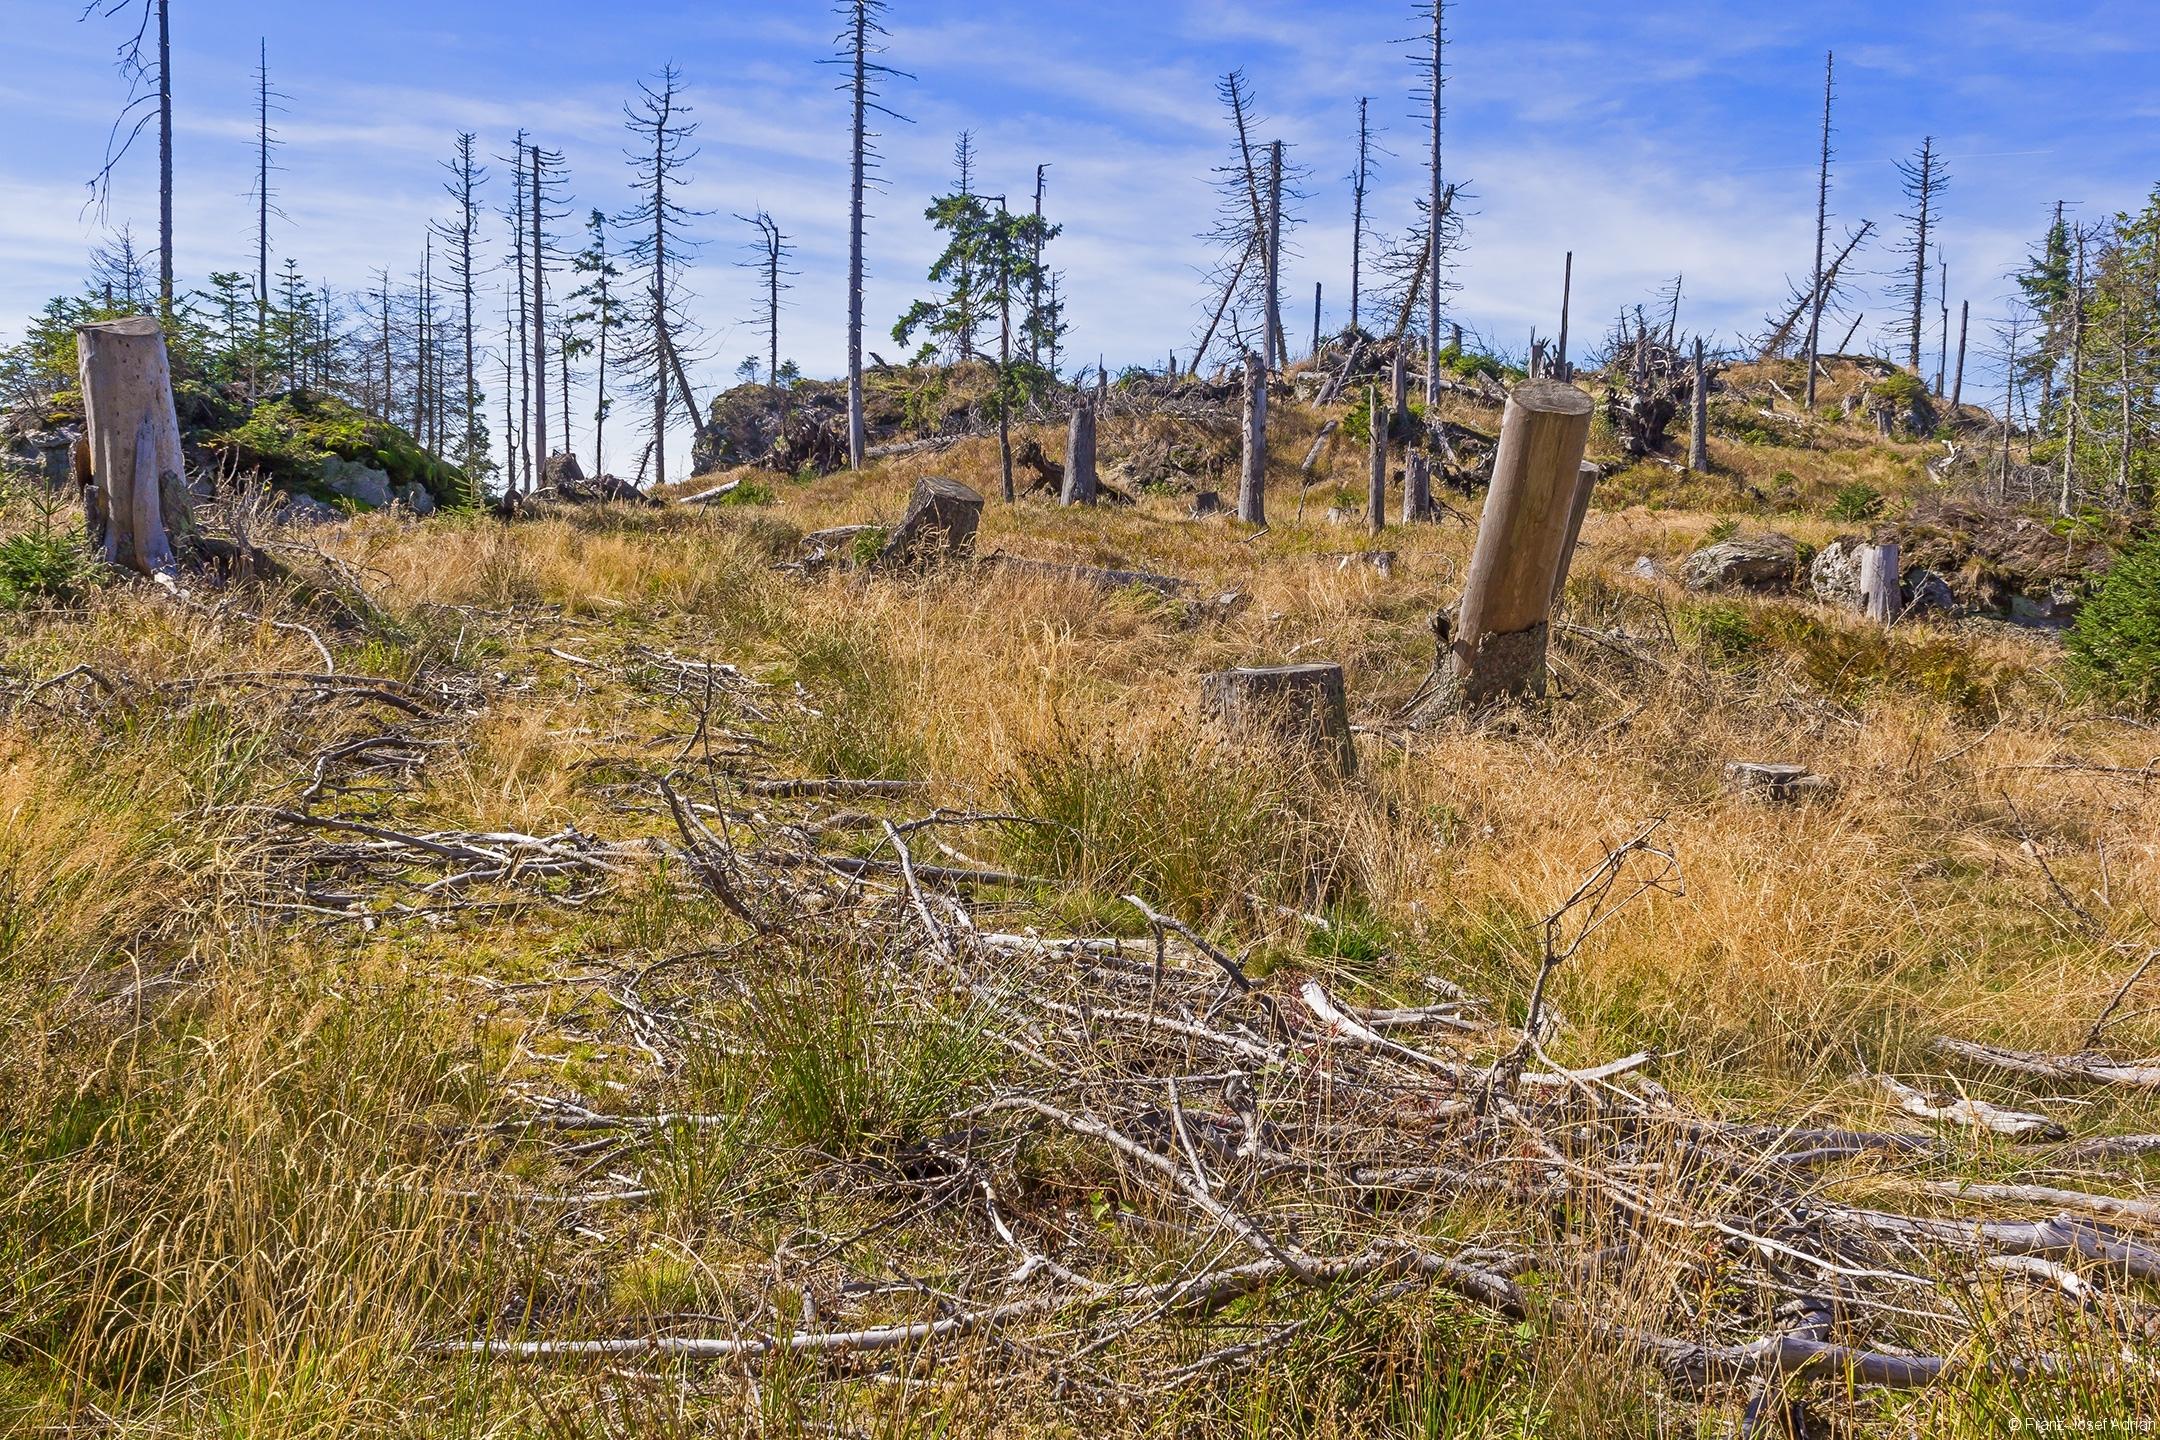 Rückegasse mit vielen Binsen, die Bodenschäden des Harvestereinsatzes anzeigen.